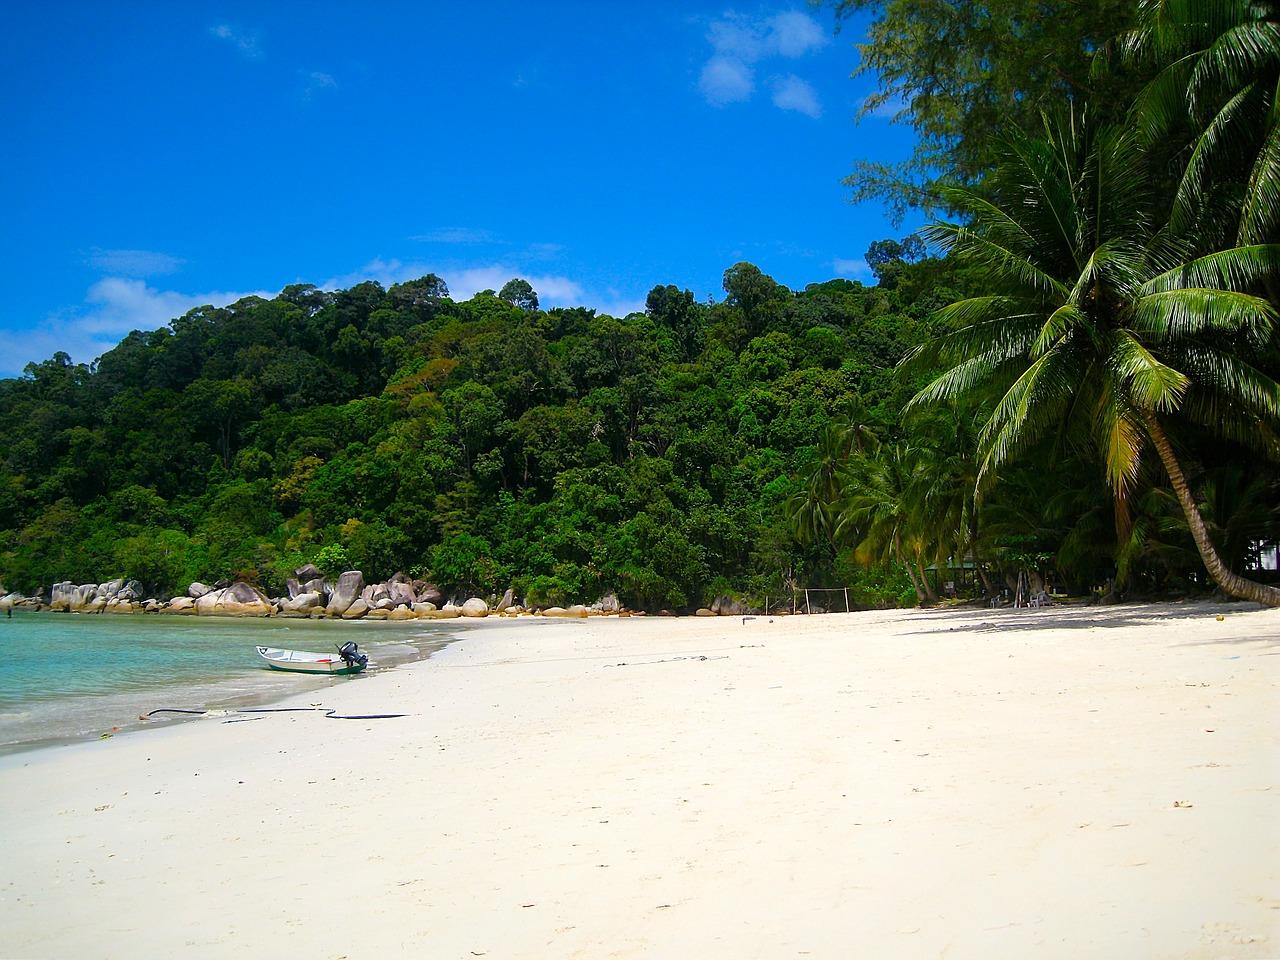 Diving in Malaezia